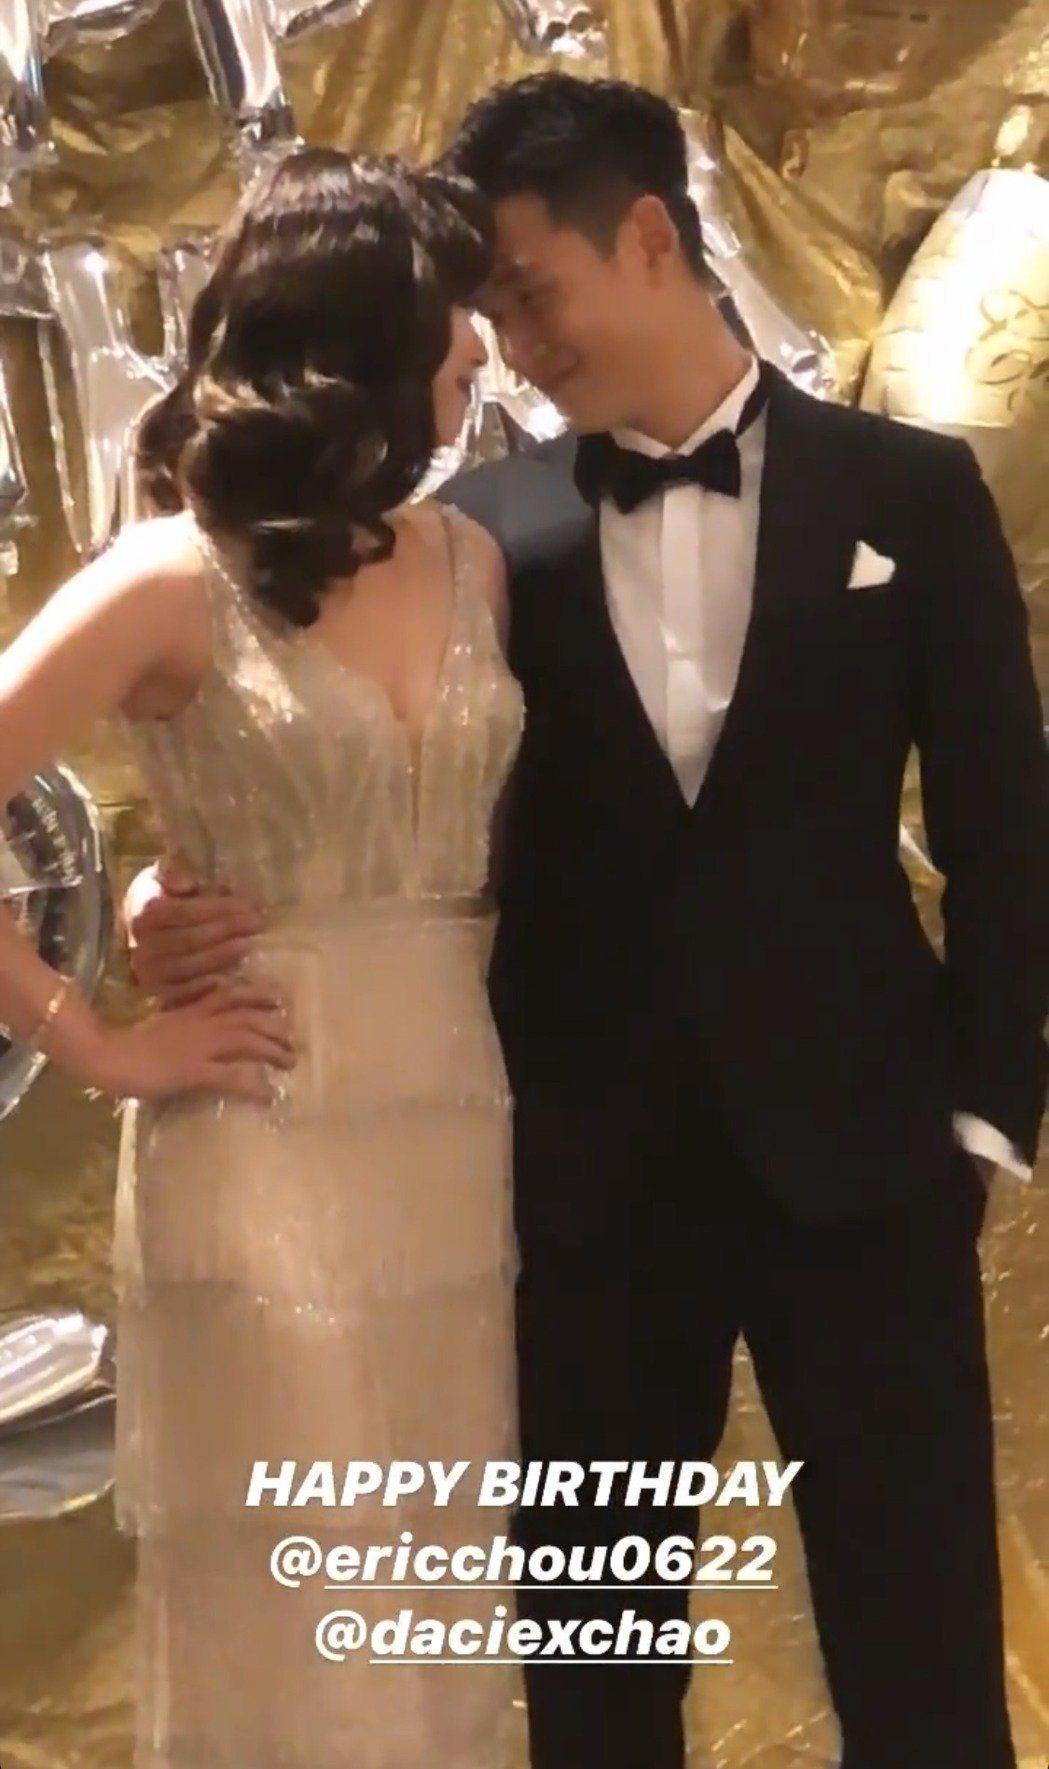 趙岱新(左)跟周興哲都是6月壽星,日前在生日趴甜蜜互望,相當恩愛。圖/摘自IG